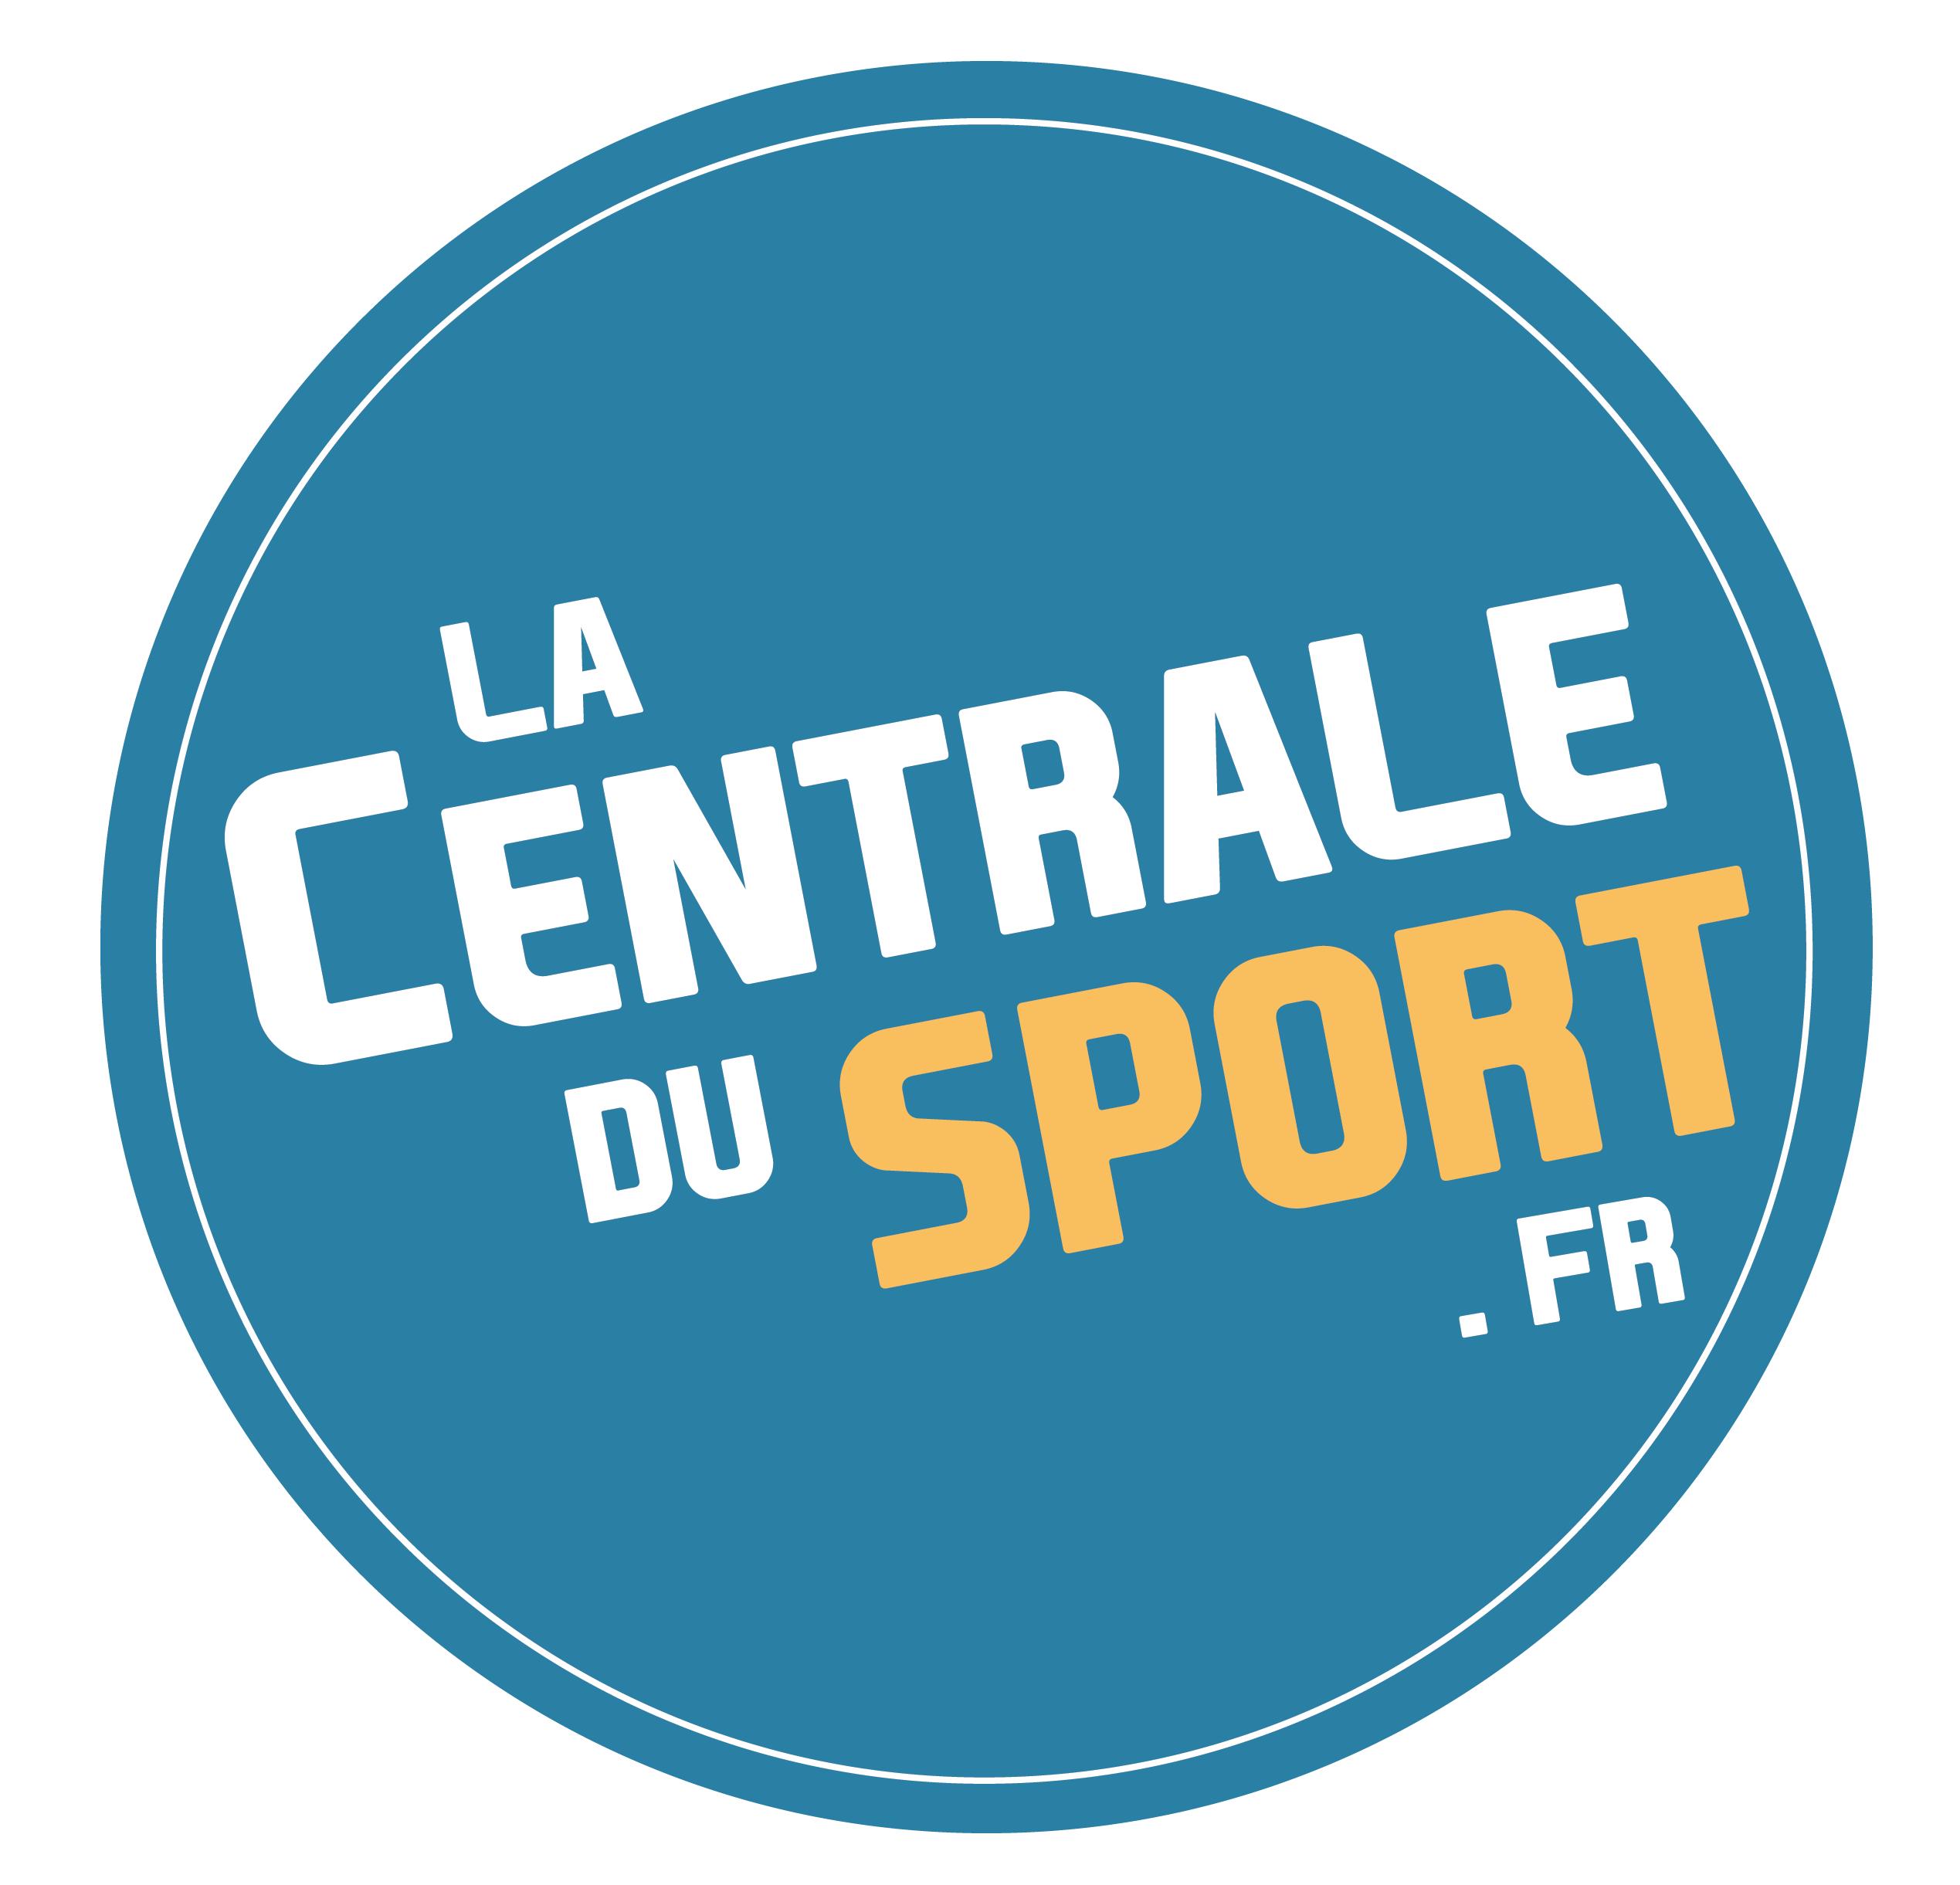 logo la centrale du sport sponsoring foot amateur unibet